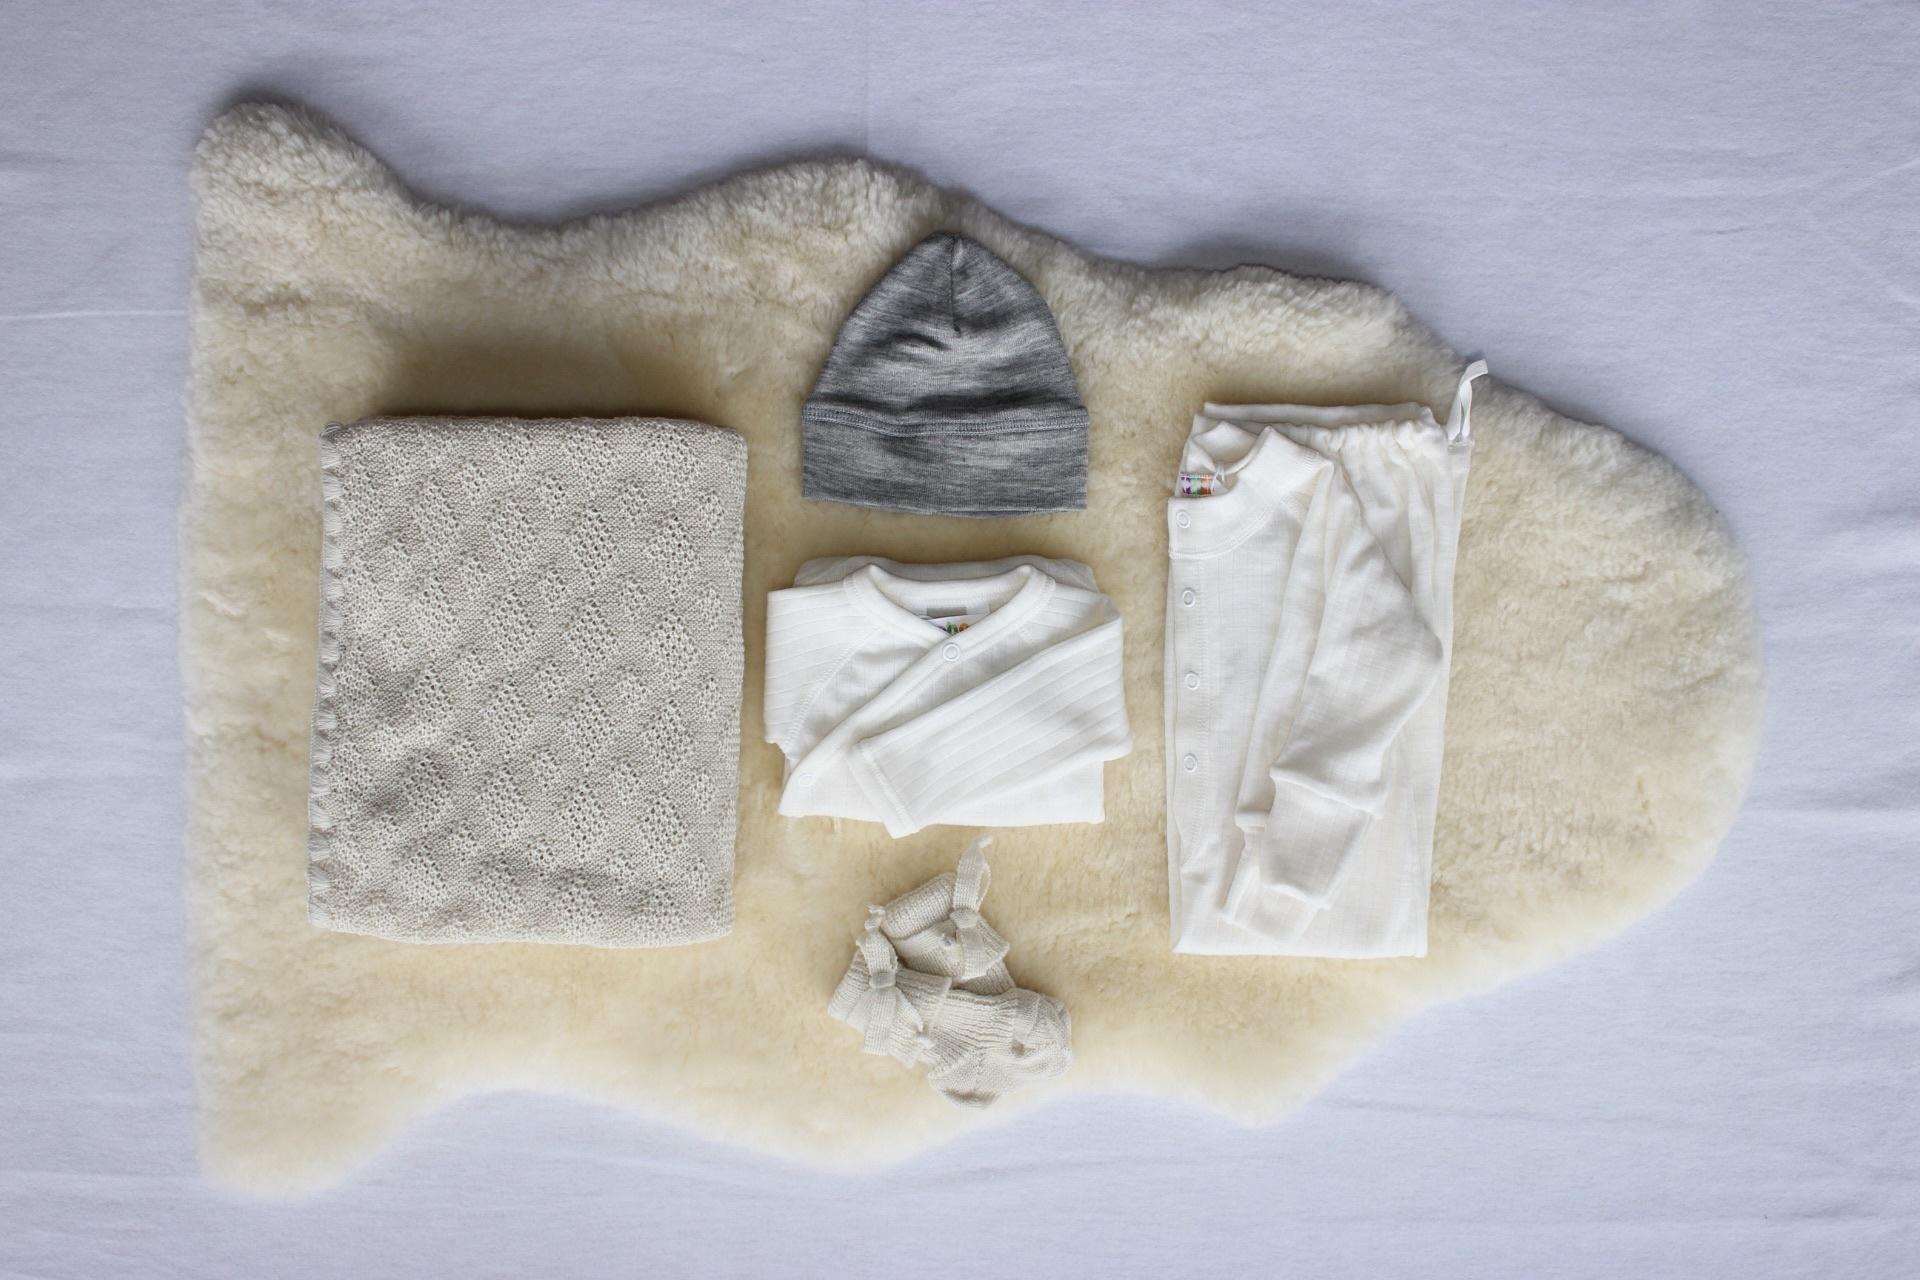 De Zaailing - Wollen Babyuitzet Set 3 + Baby schapenvacht - 10% Starterskorting